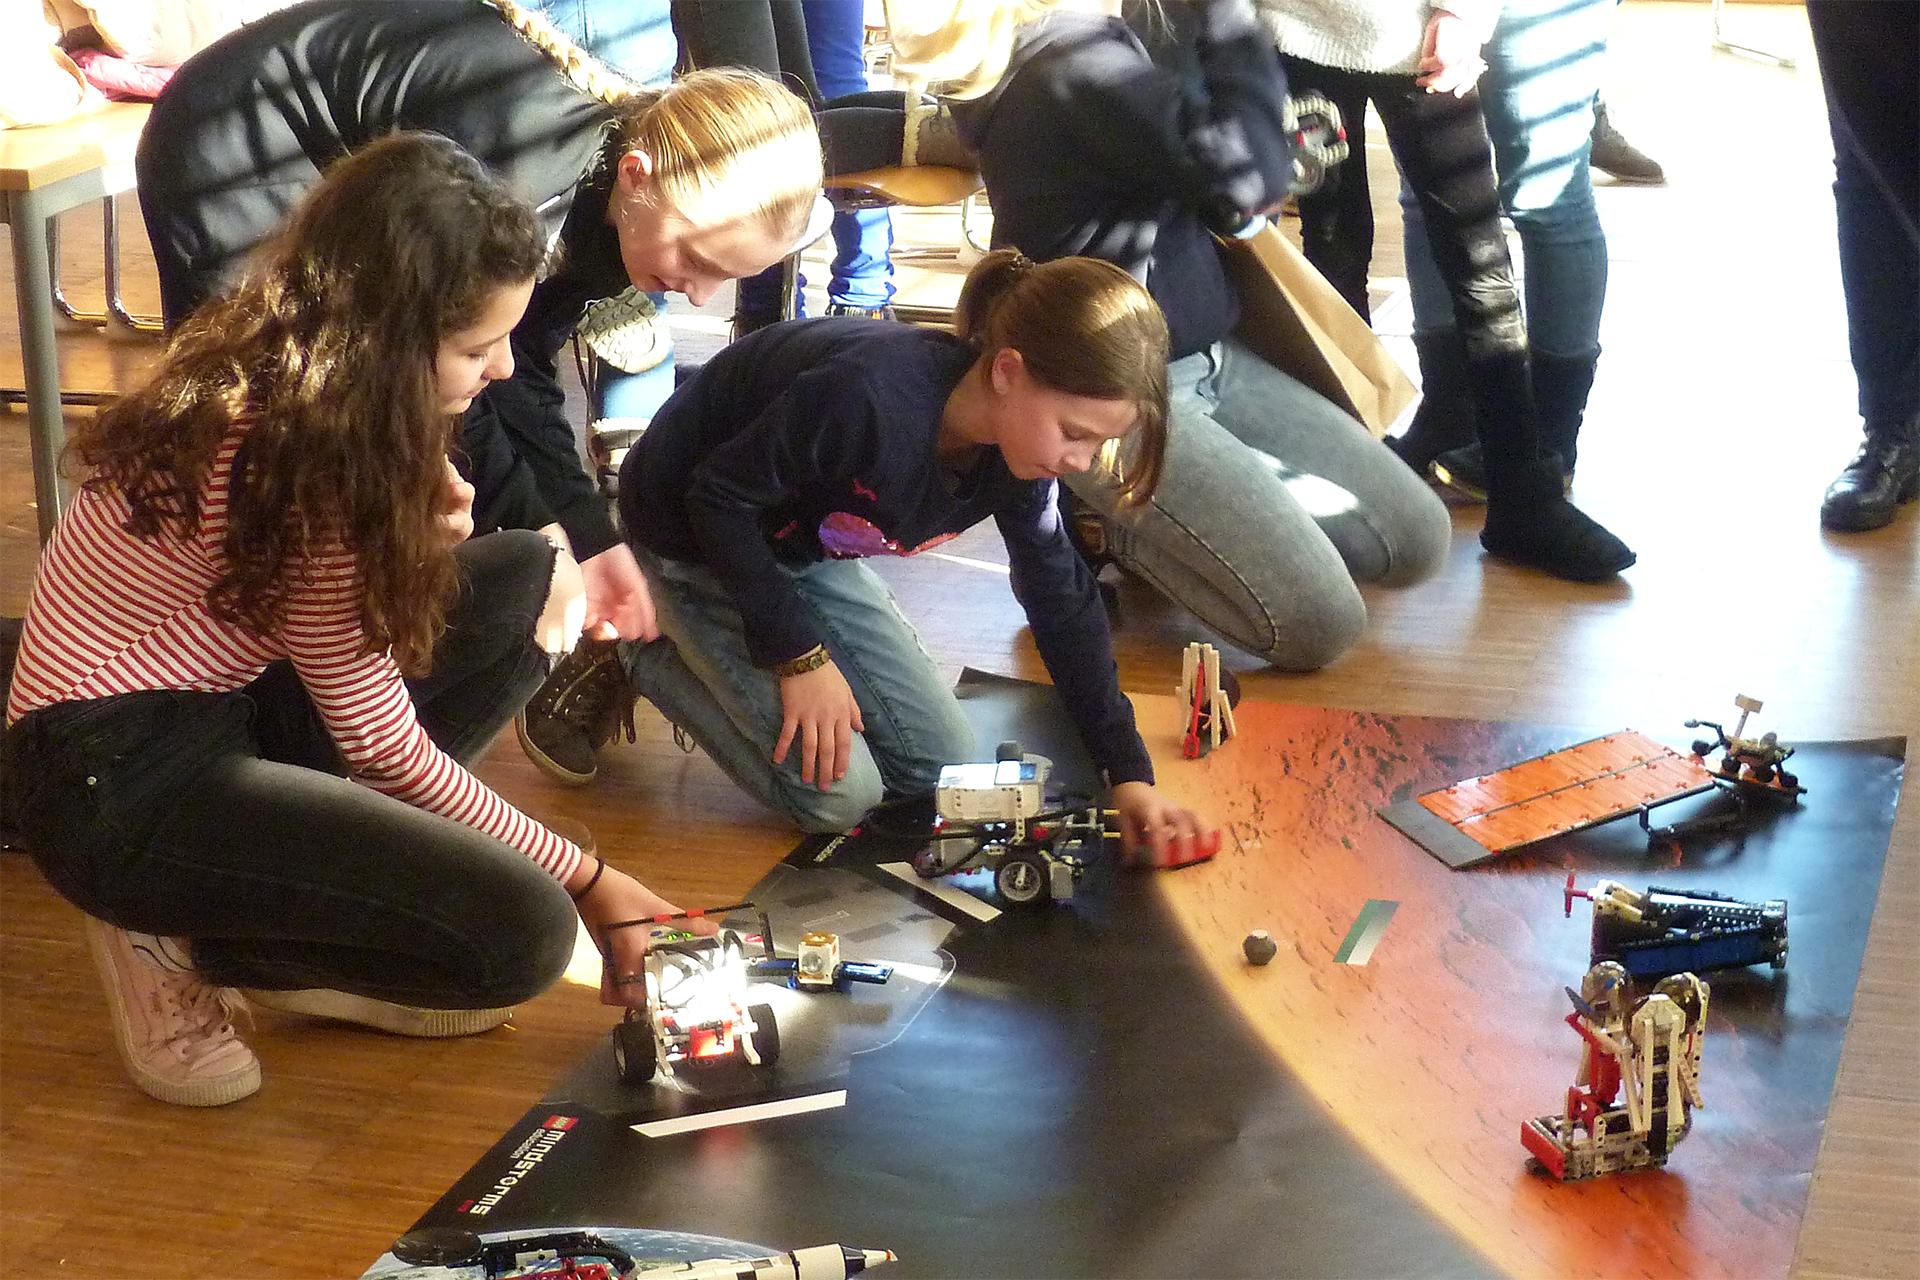 Die Teilnehmerinnen des Roberta-Workshops bauten die Roboter selbständig zusammen, und lernten diese zu programmieren. Foto: Stephanie Justrie